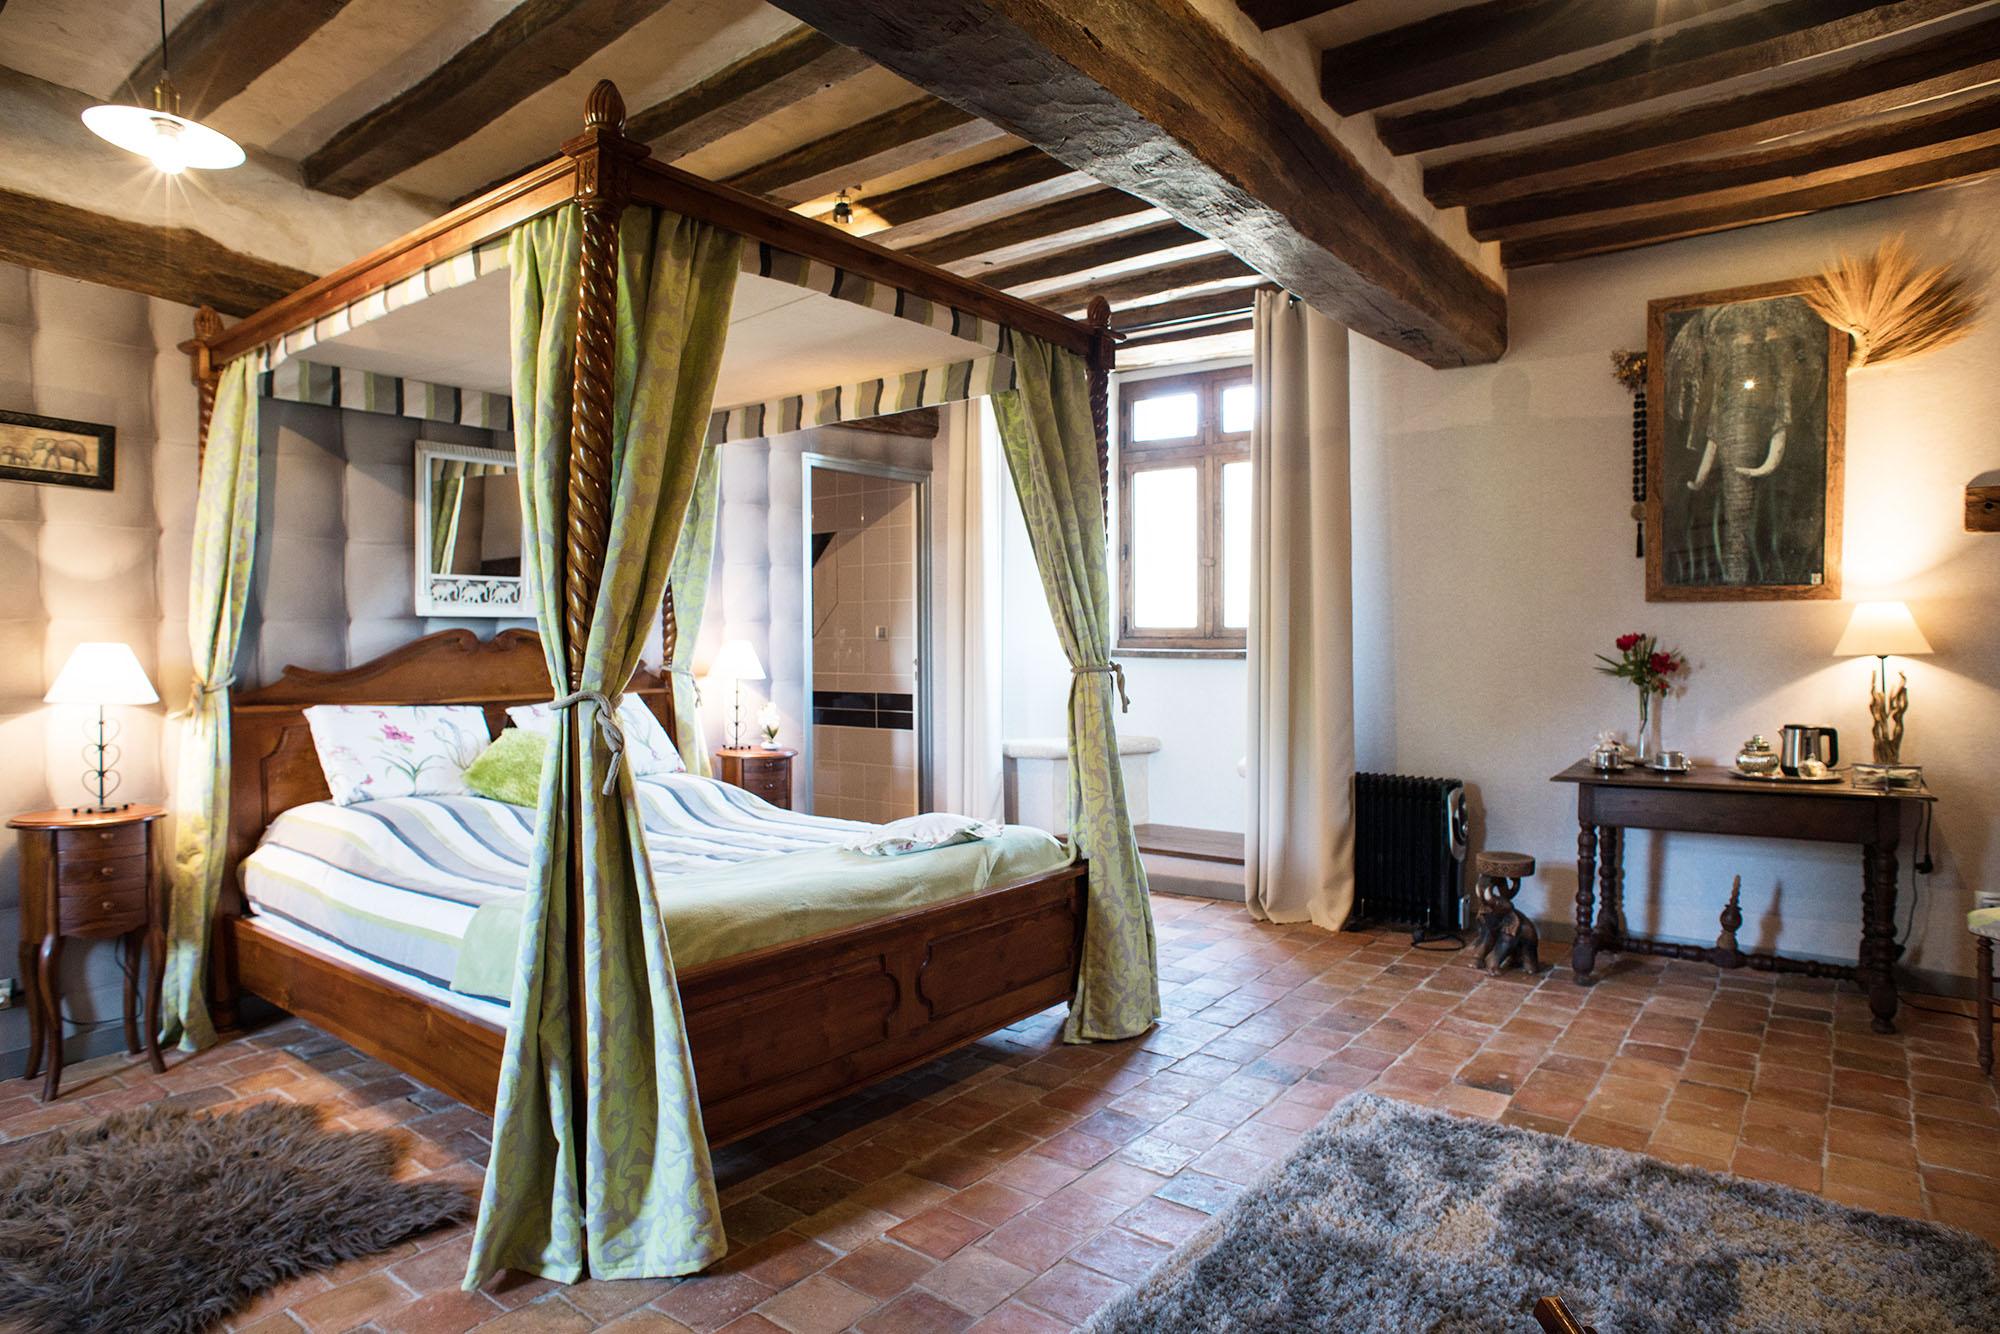 Chambre spacieuse avec lit traditionnel à baldaquin et poutres en bois au plafond.